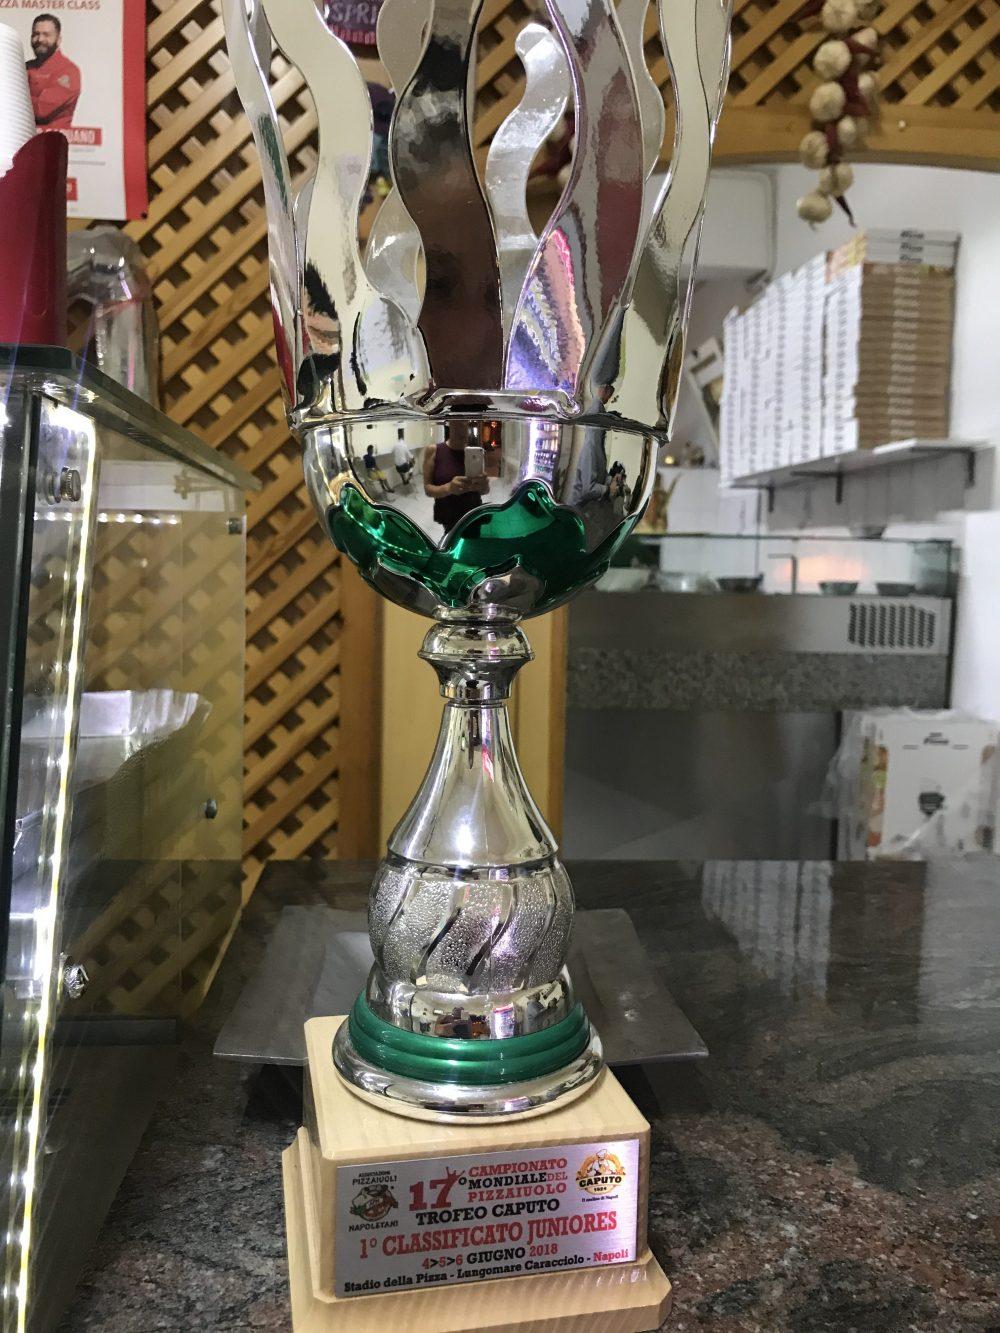 Annare' Pizza & Sfizi - ultimo trofeo conquistato dalla famiglia Capuano